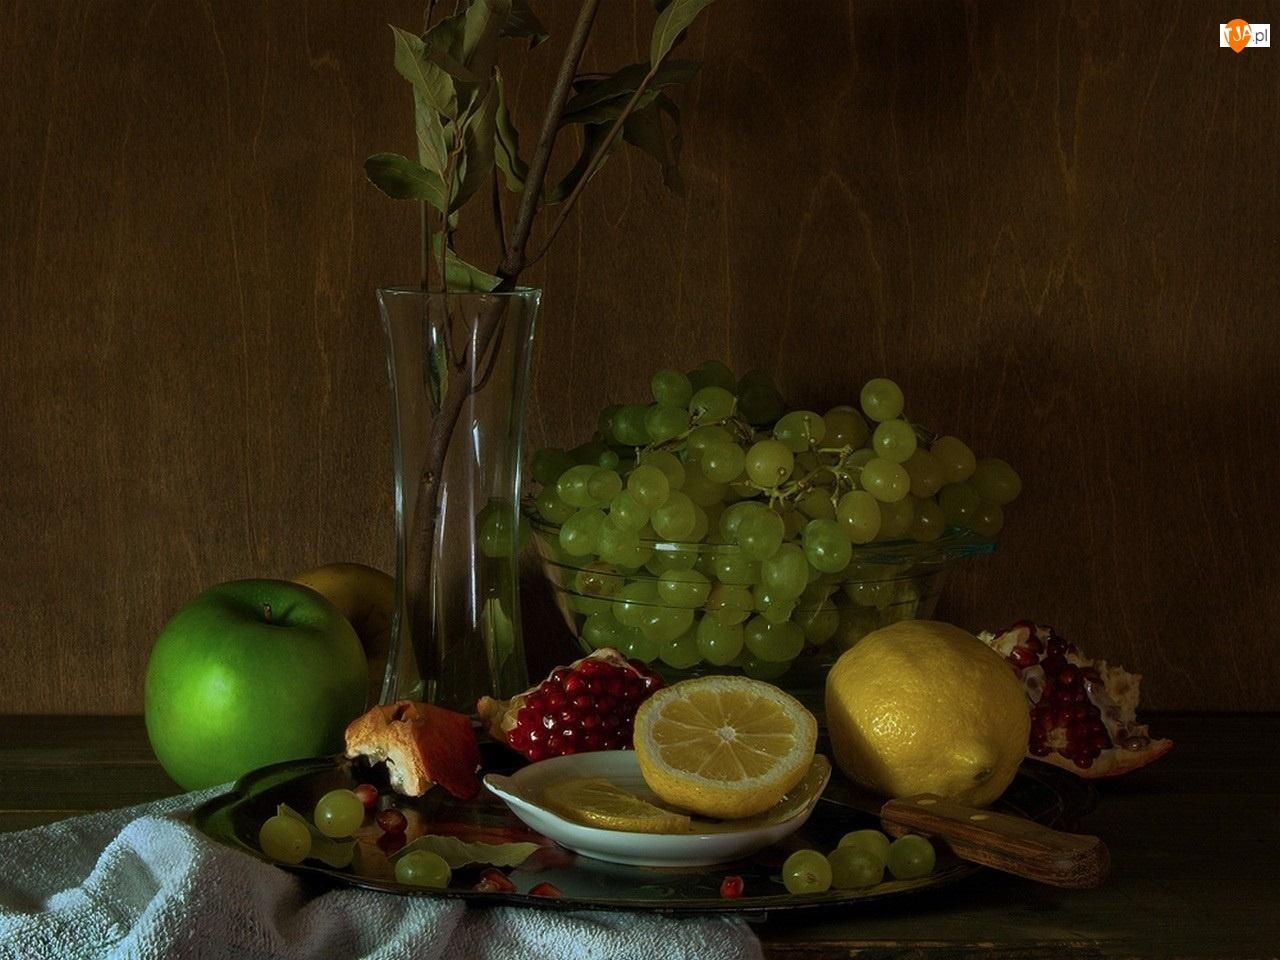 Owoce, Wazon, Różnorodne